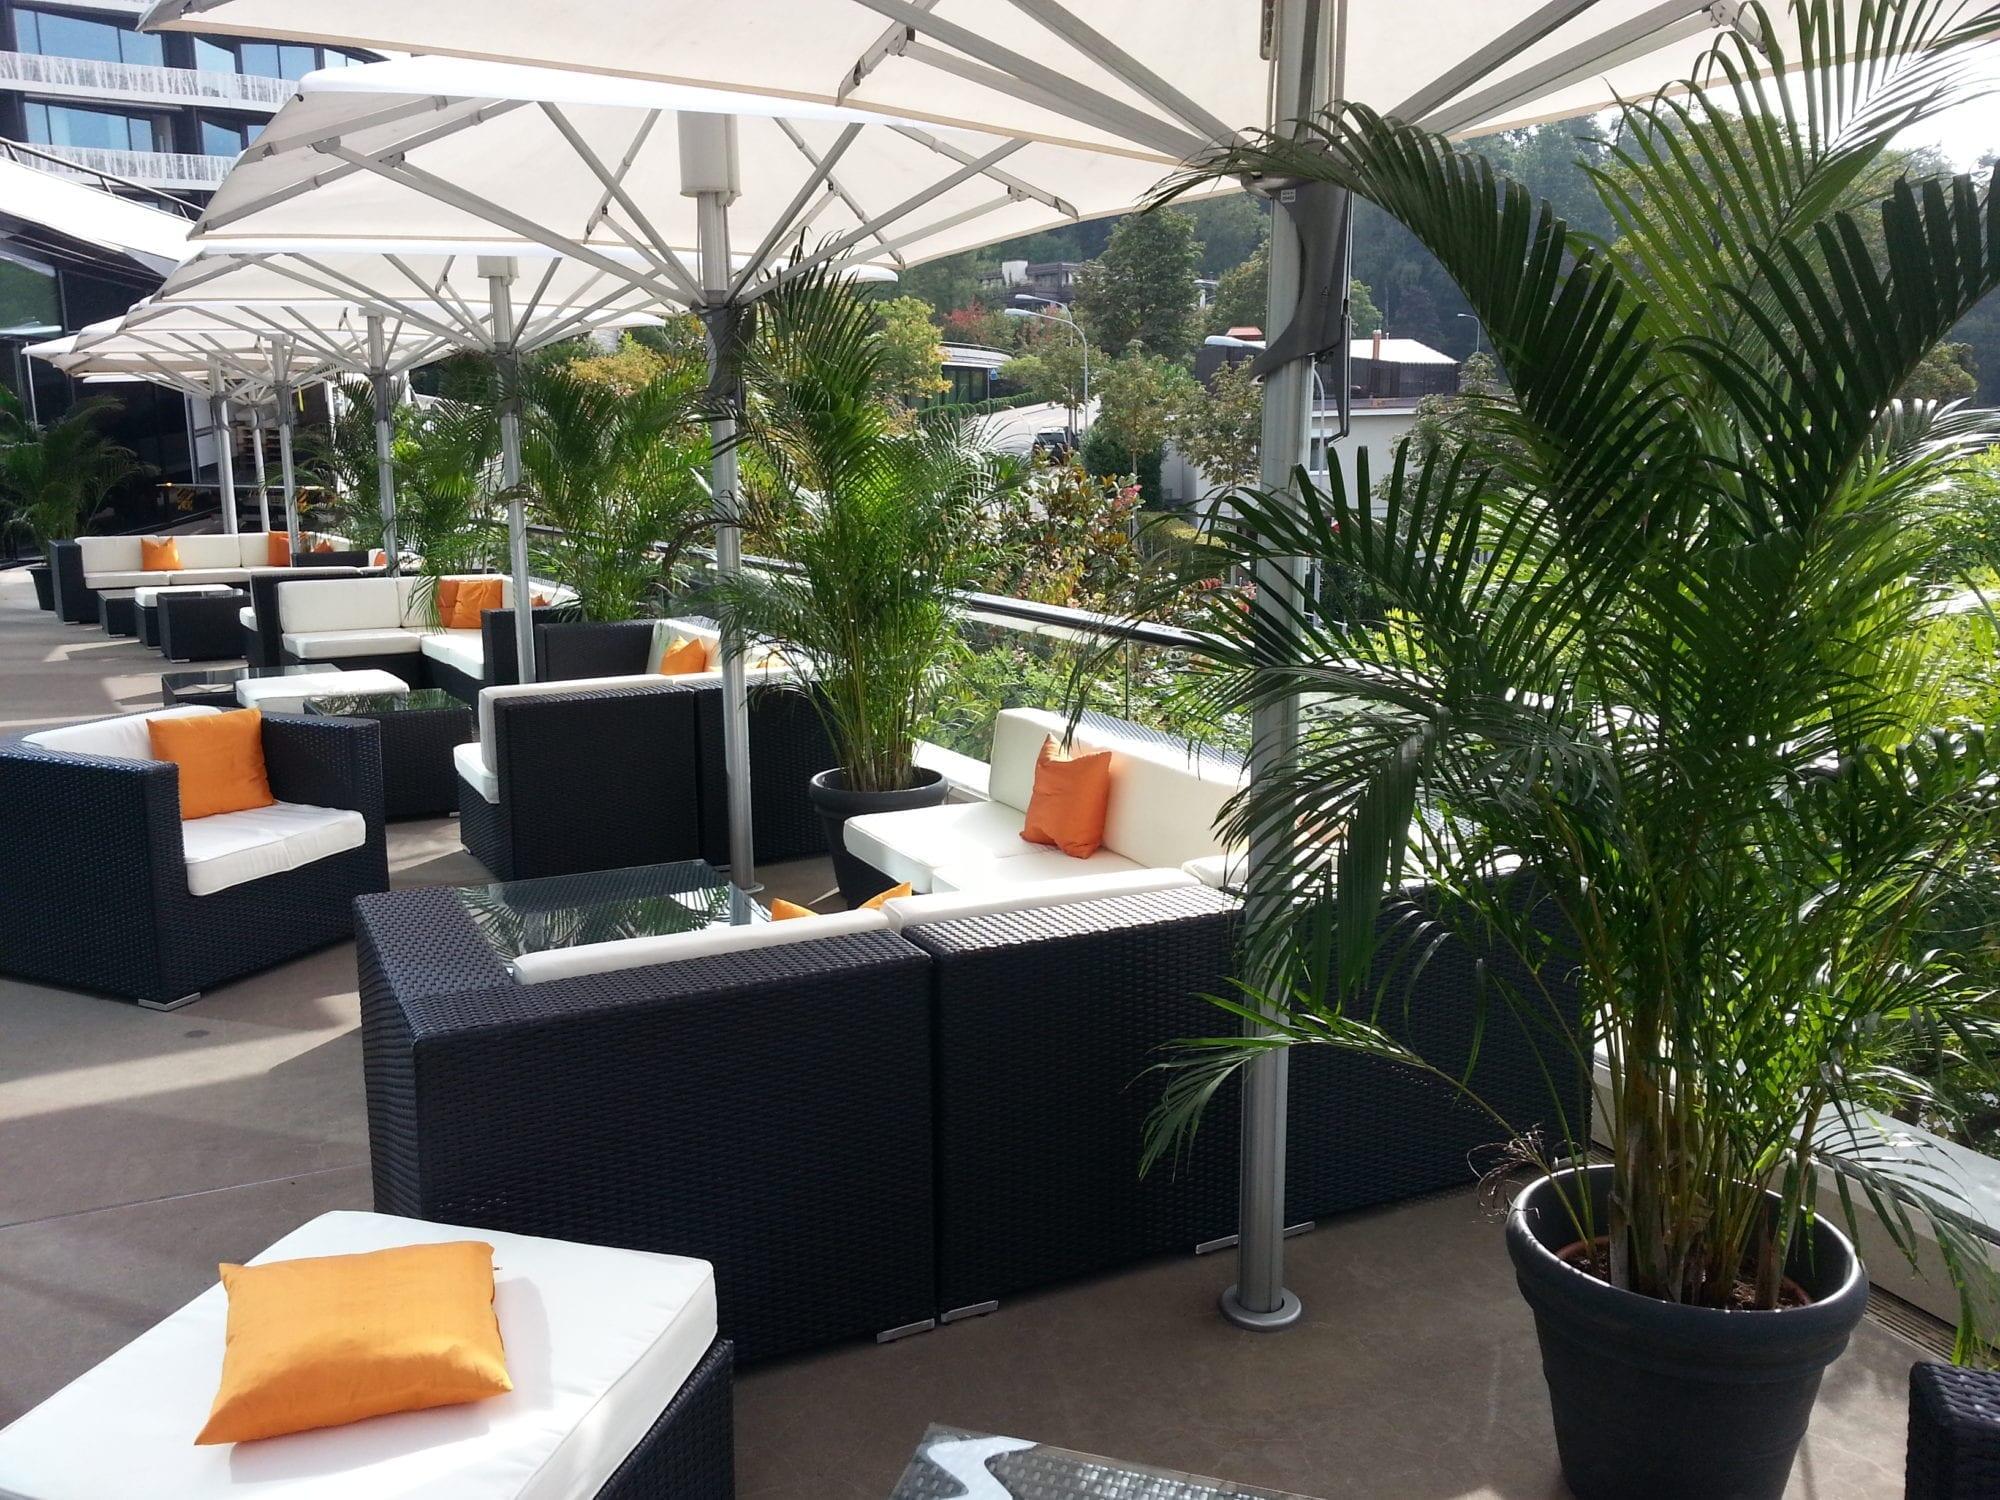 pflanzen mieten rent-a-lounge 9